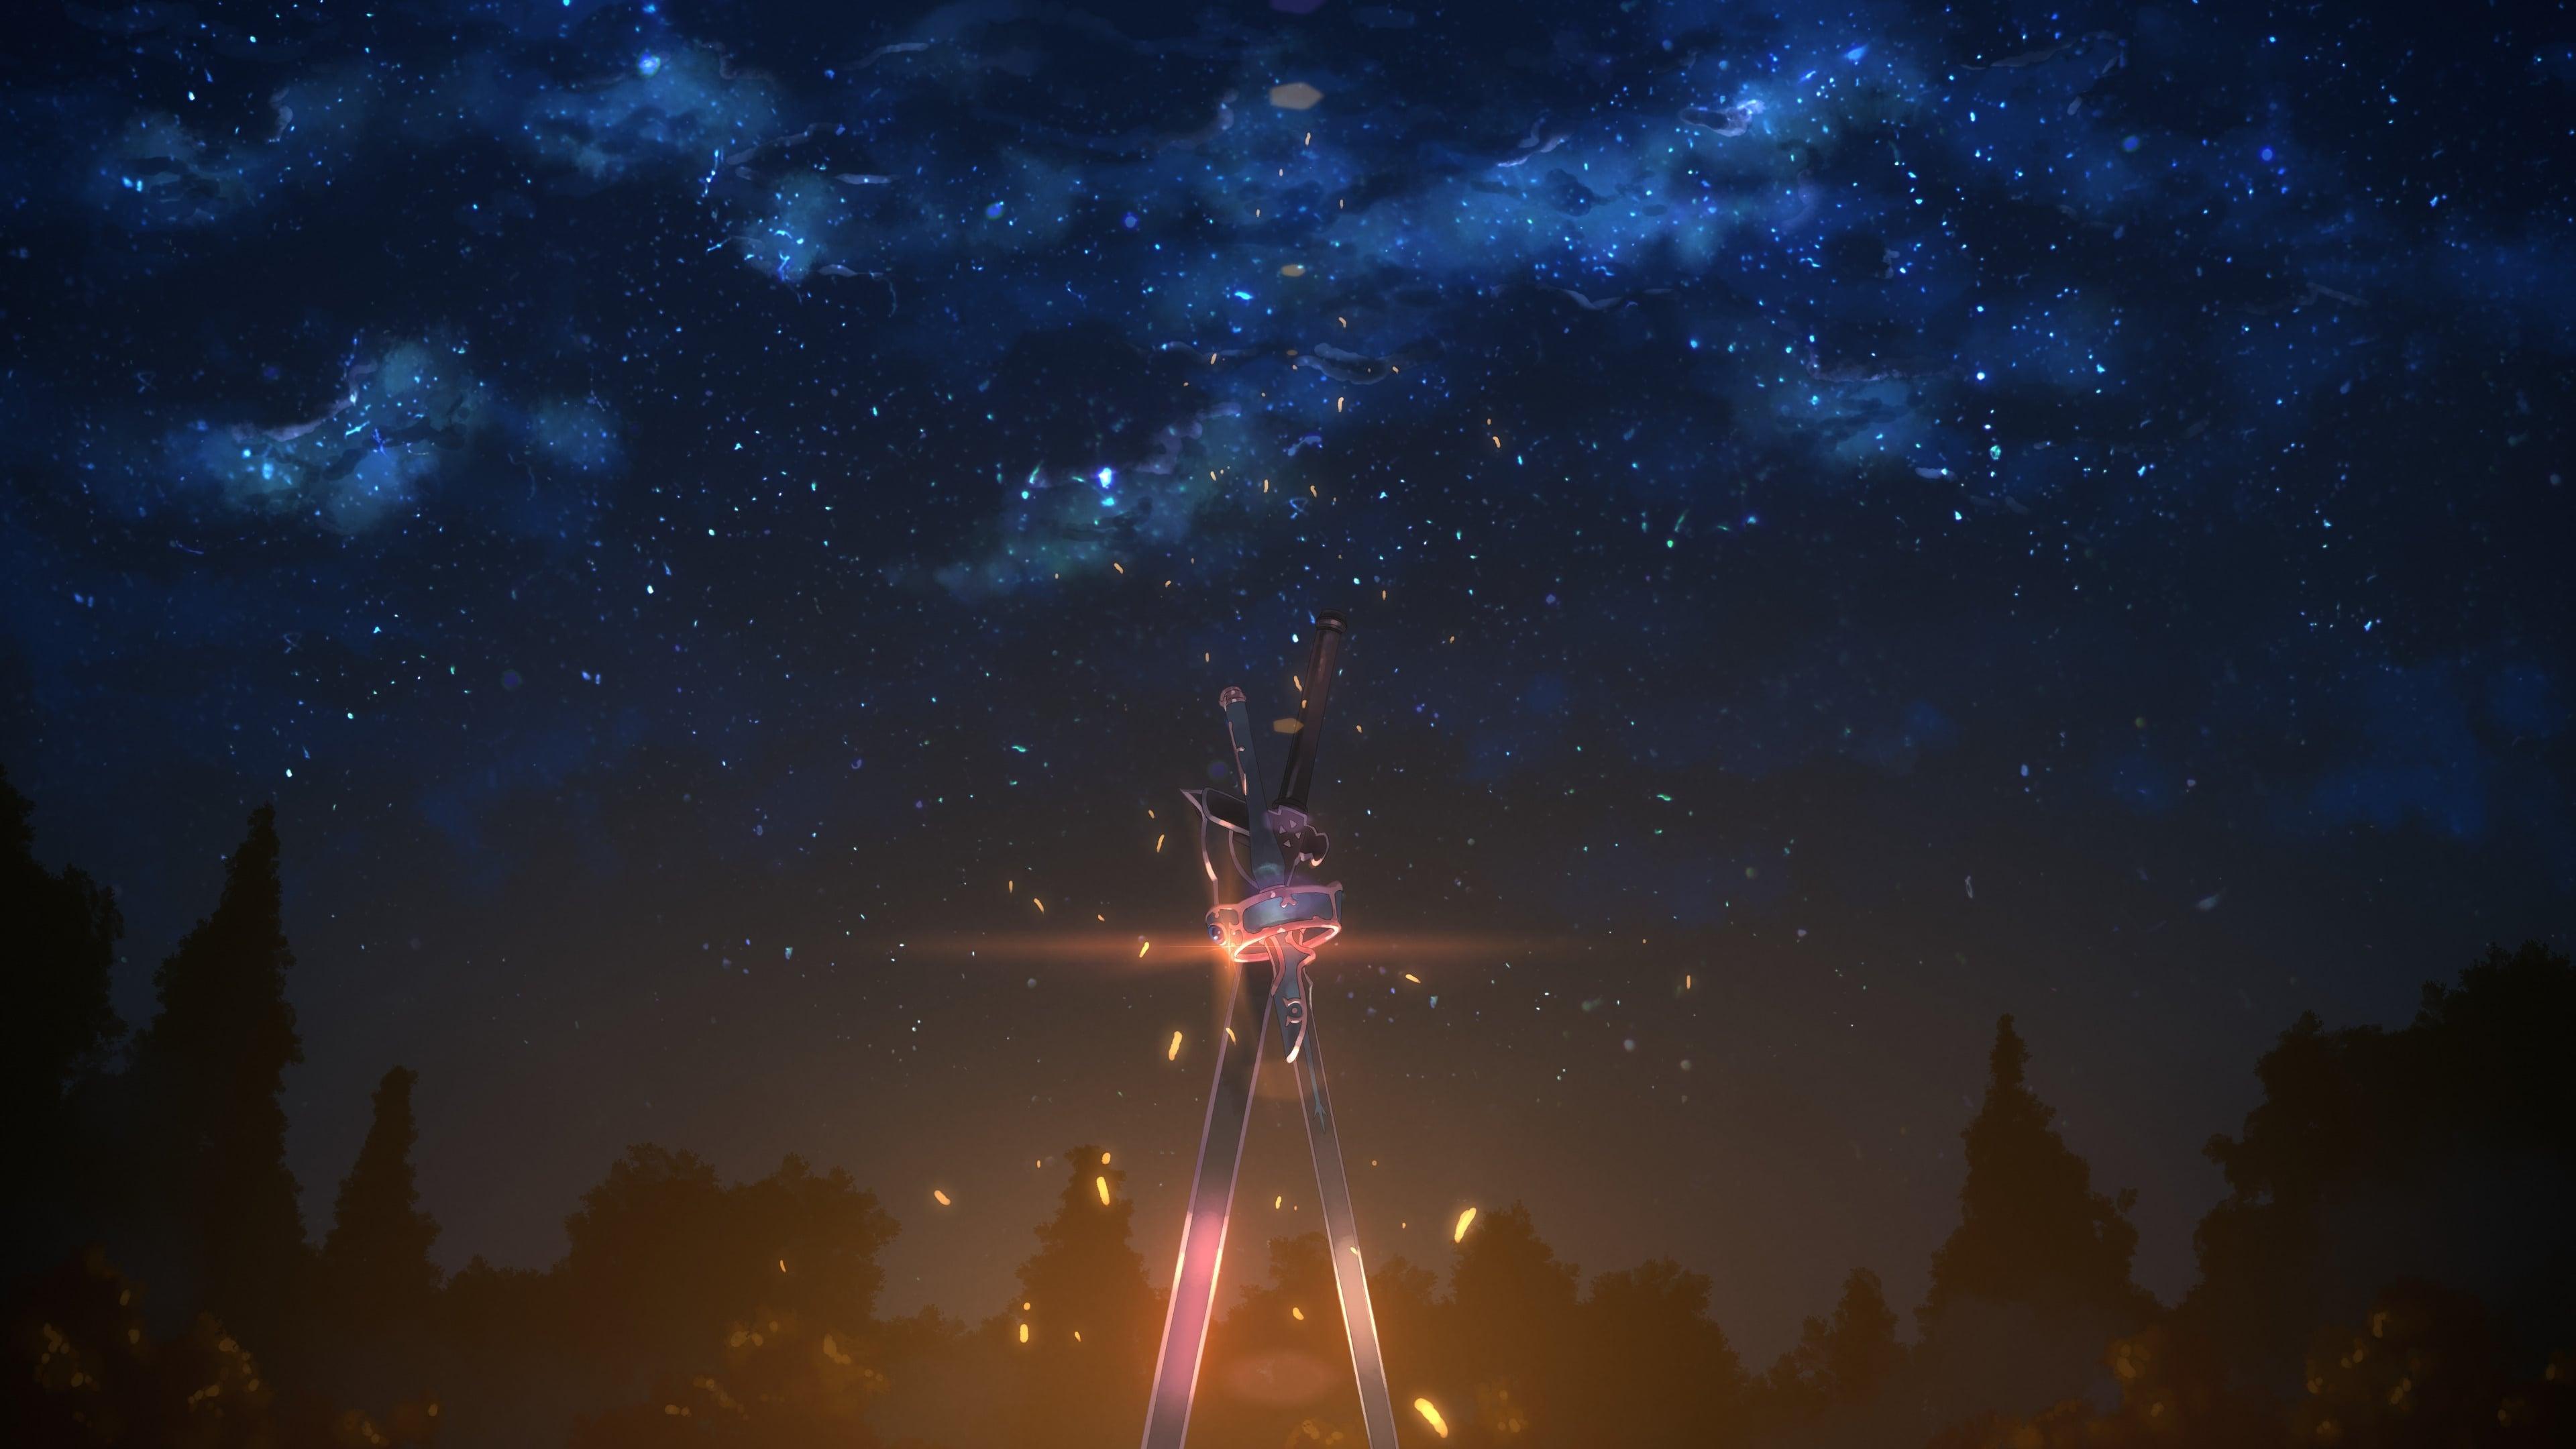 Sword Art Online - Specials